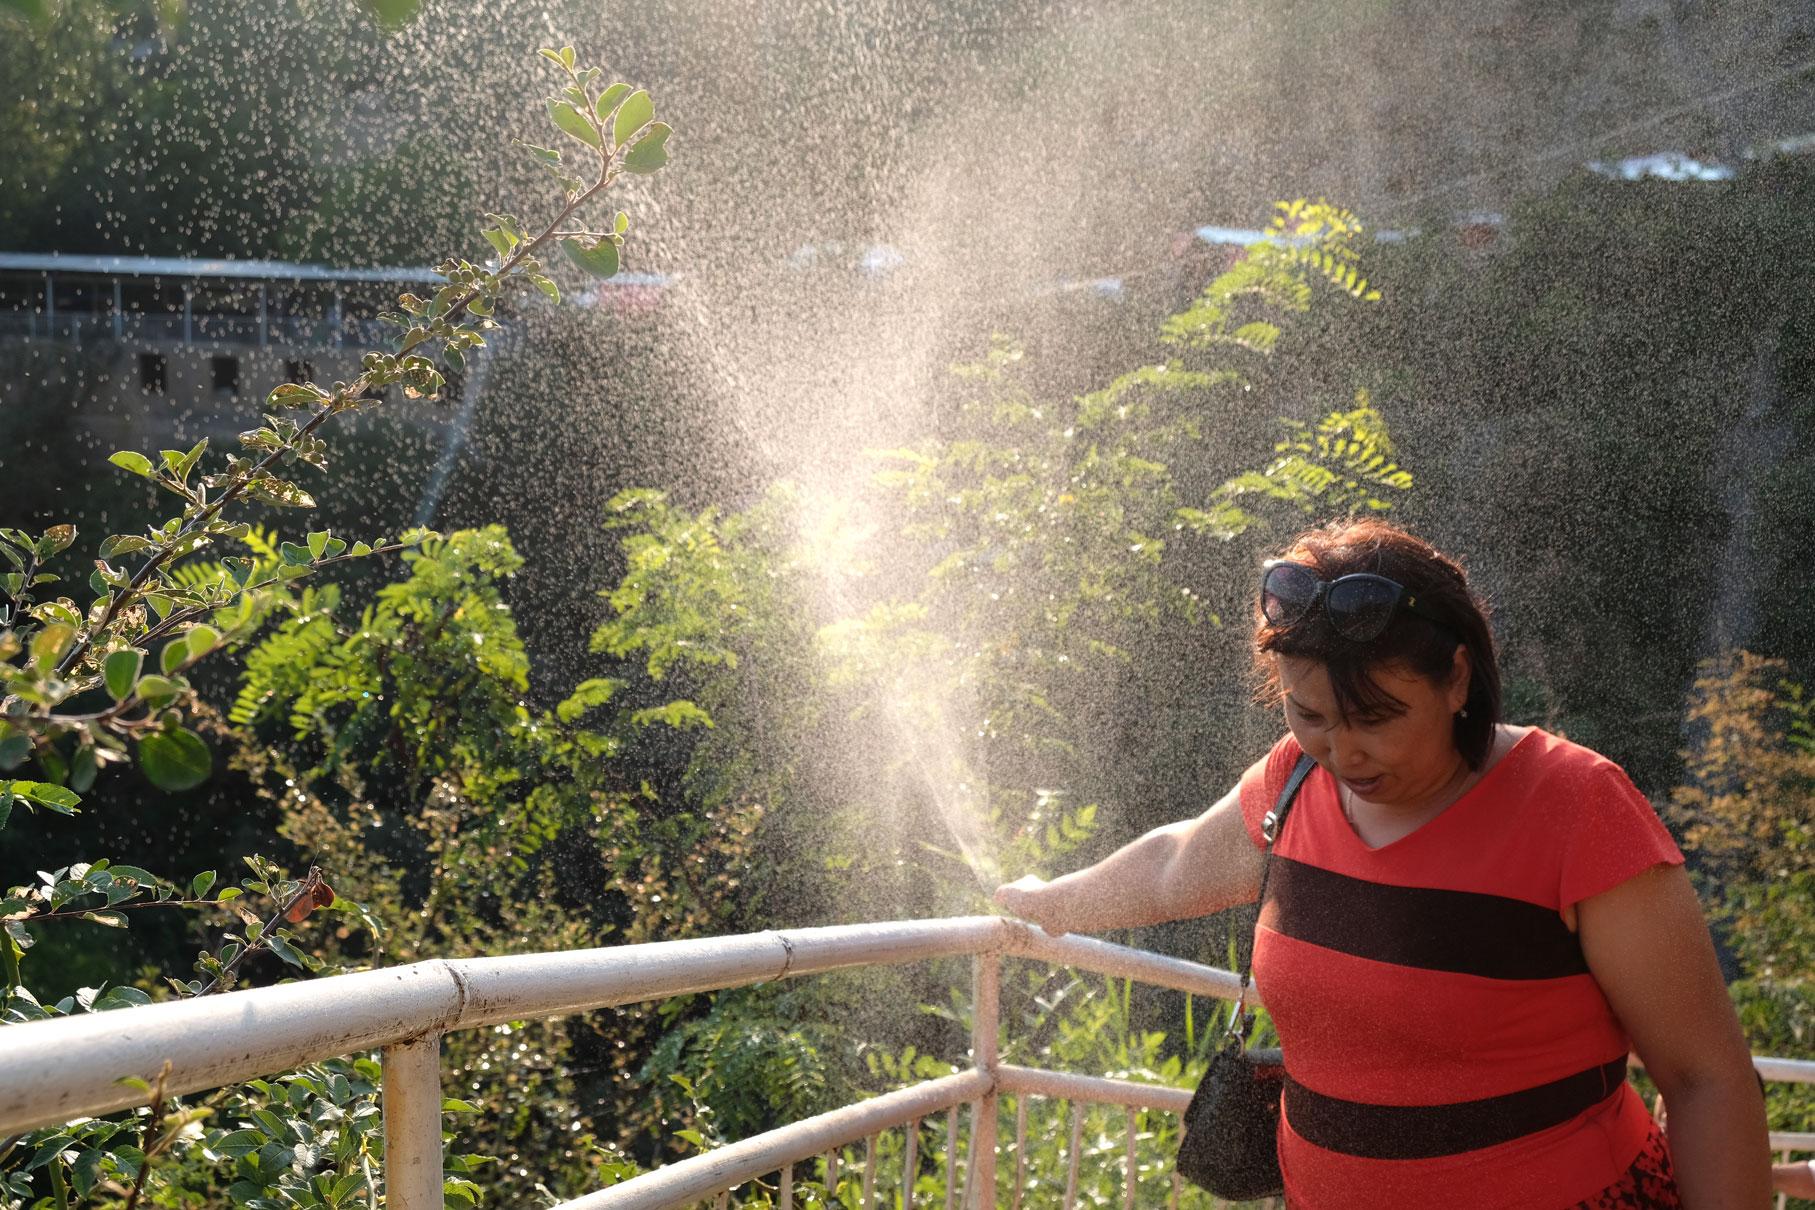 Auf dem Weg zum neben dem Wasserfall gelegenen Restaurant sorgen Wasserfontainen für Abkühlung